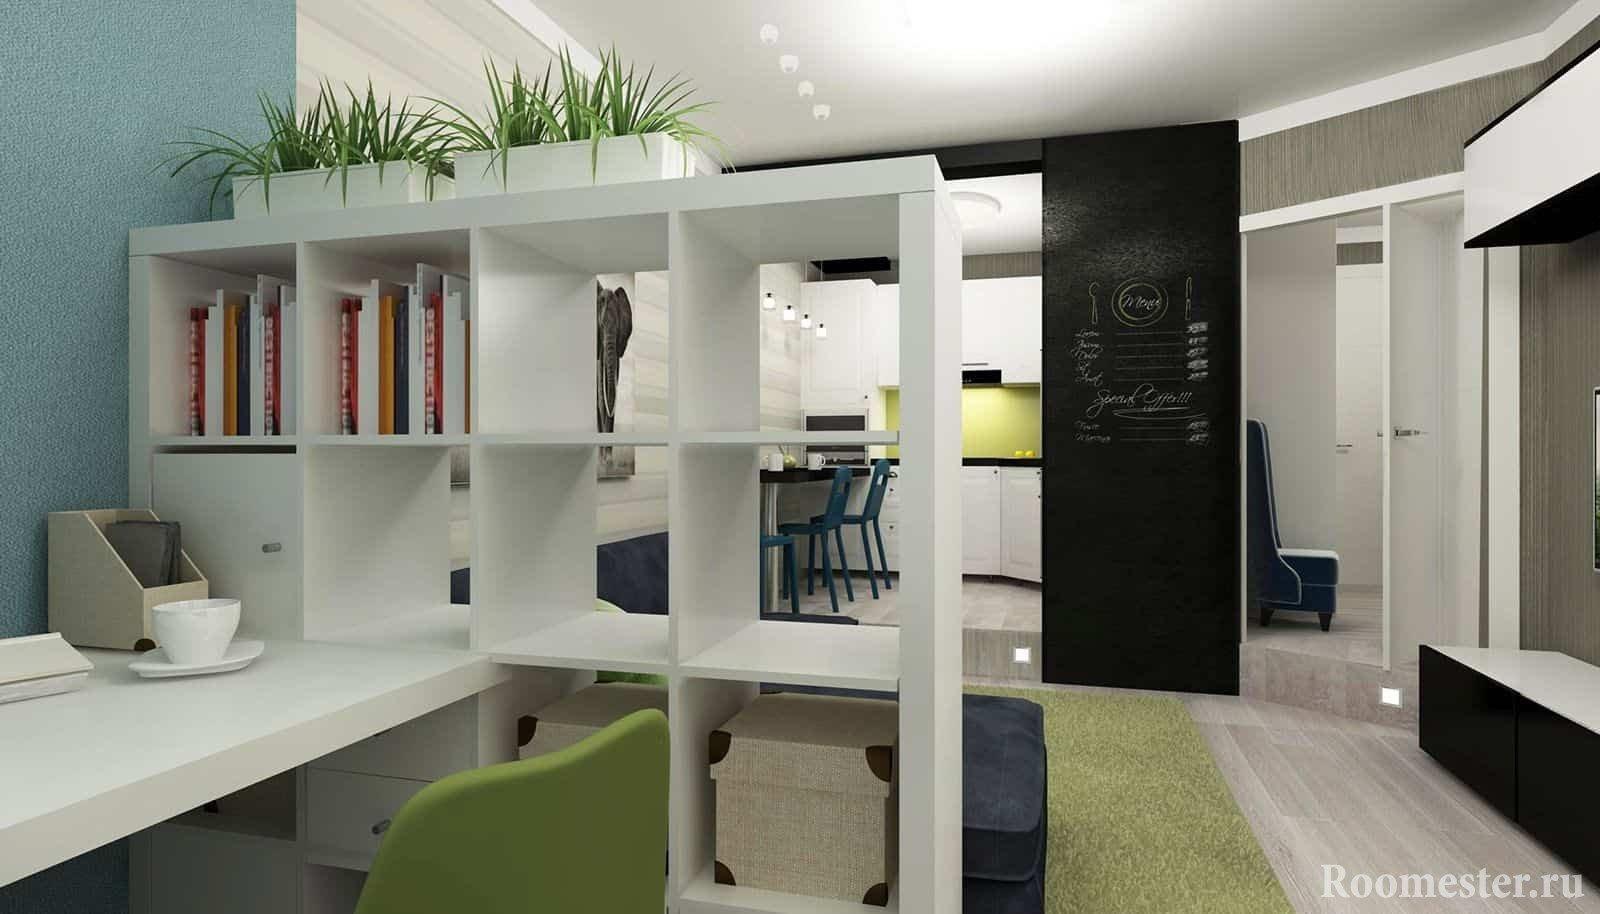 Все что нужно в дизайне интерьера маленькой квартиры, кухня, гостиная и кабинет